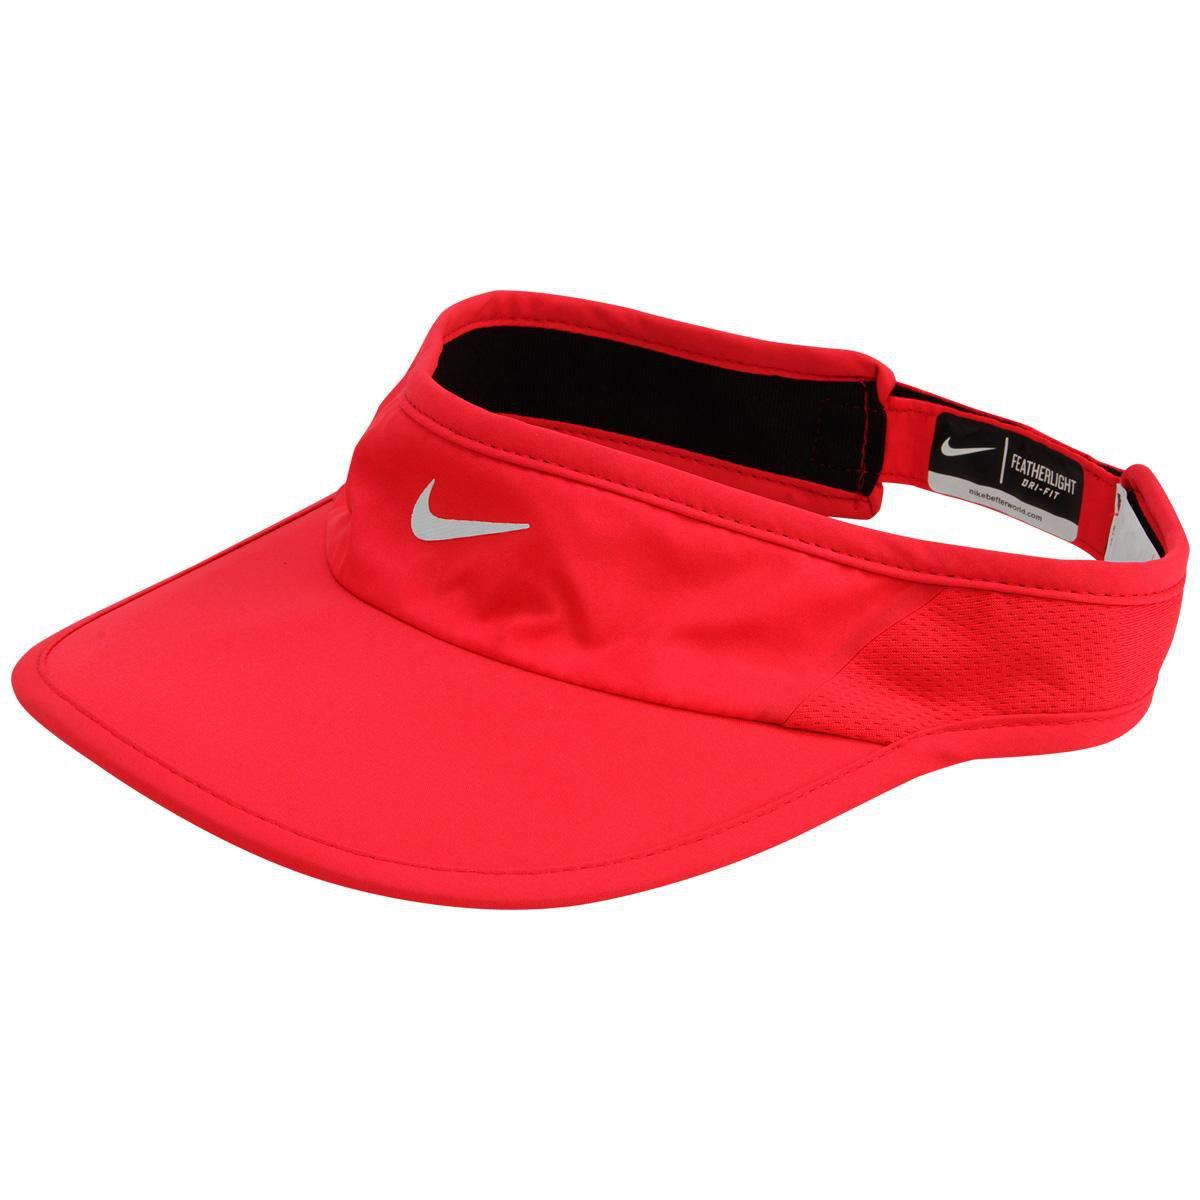 Viseira Nike Featherlight 2.0 - Compre Agora  82a4e12c689